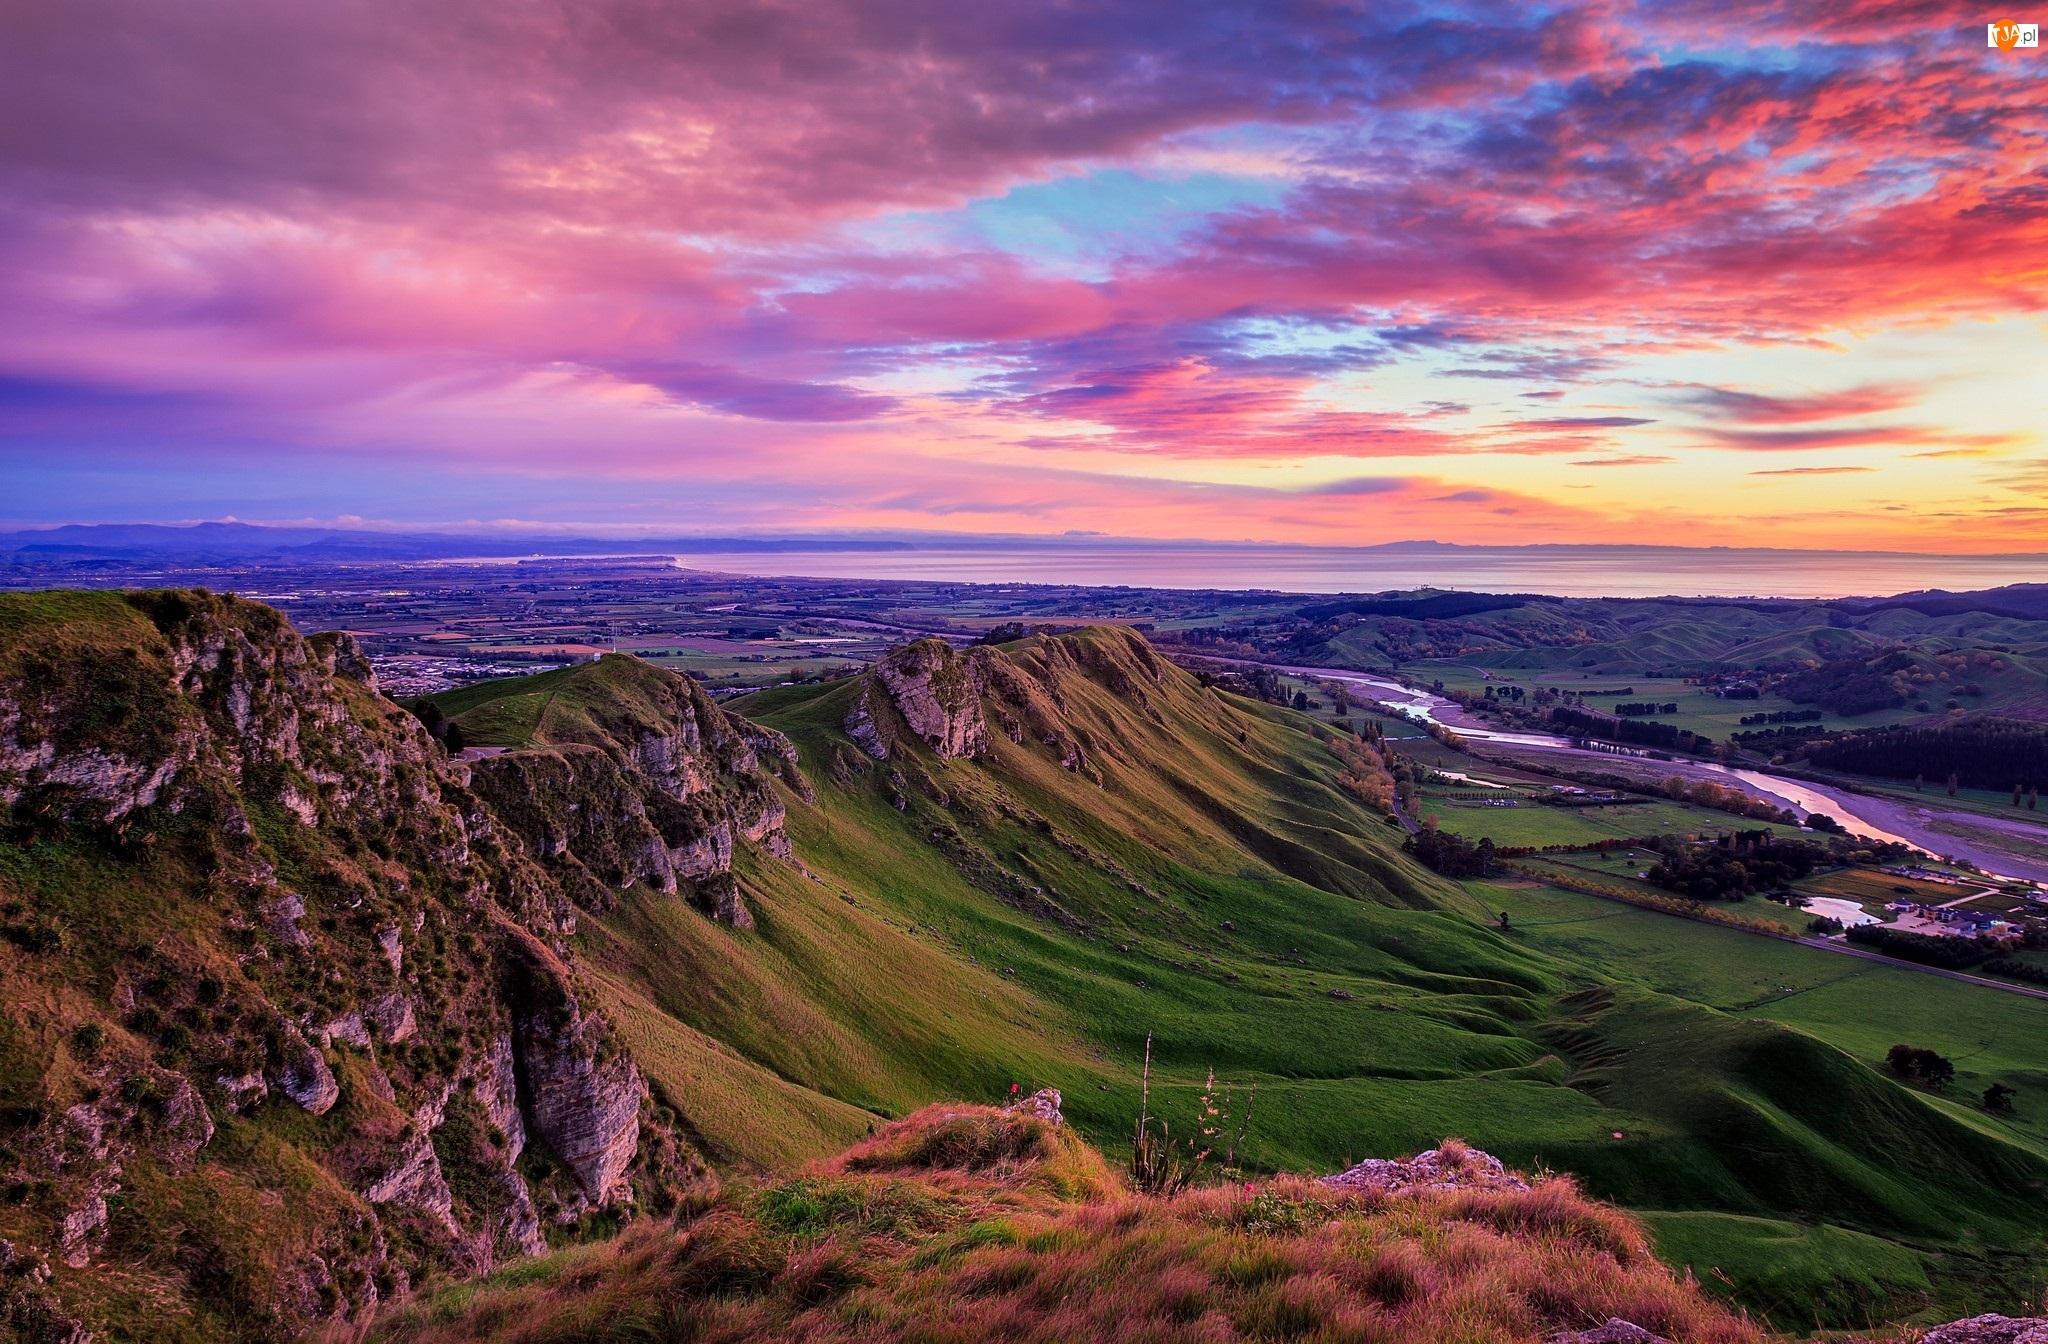 Góry, Góry Te Mata Peak, Region Hawkes Bay, Nowa Zelandia, Wschód słońca, Rzeka Tukituki River, Wzgórza